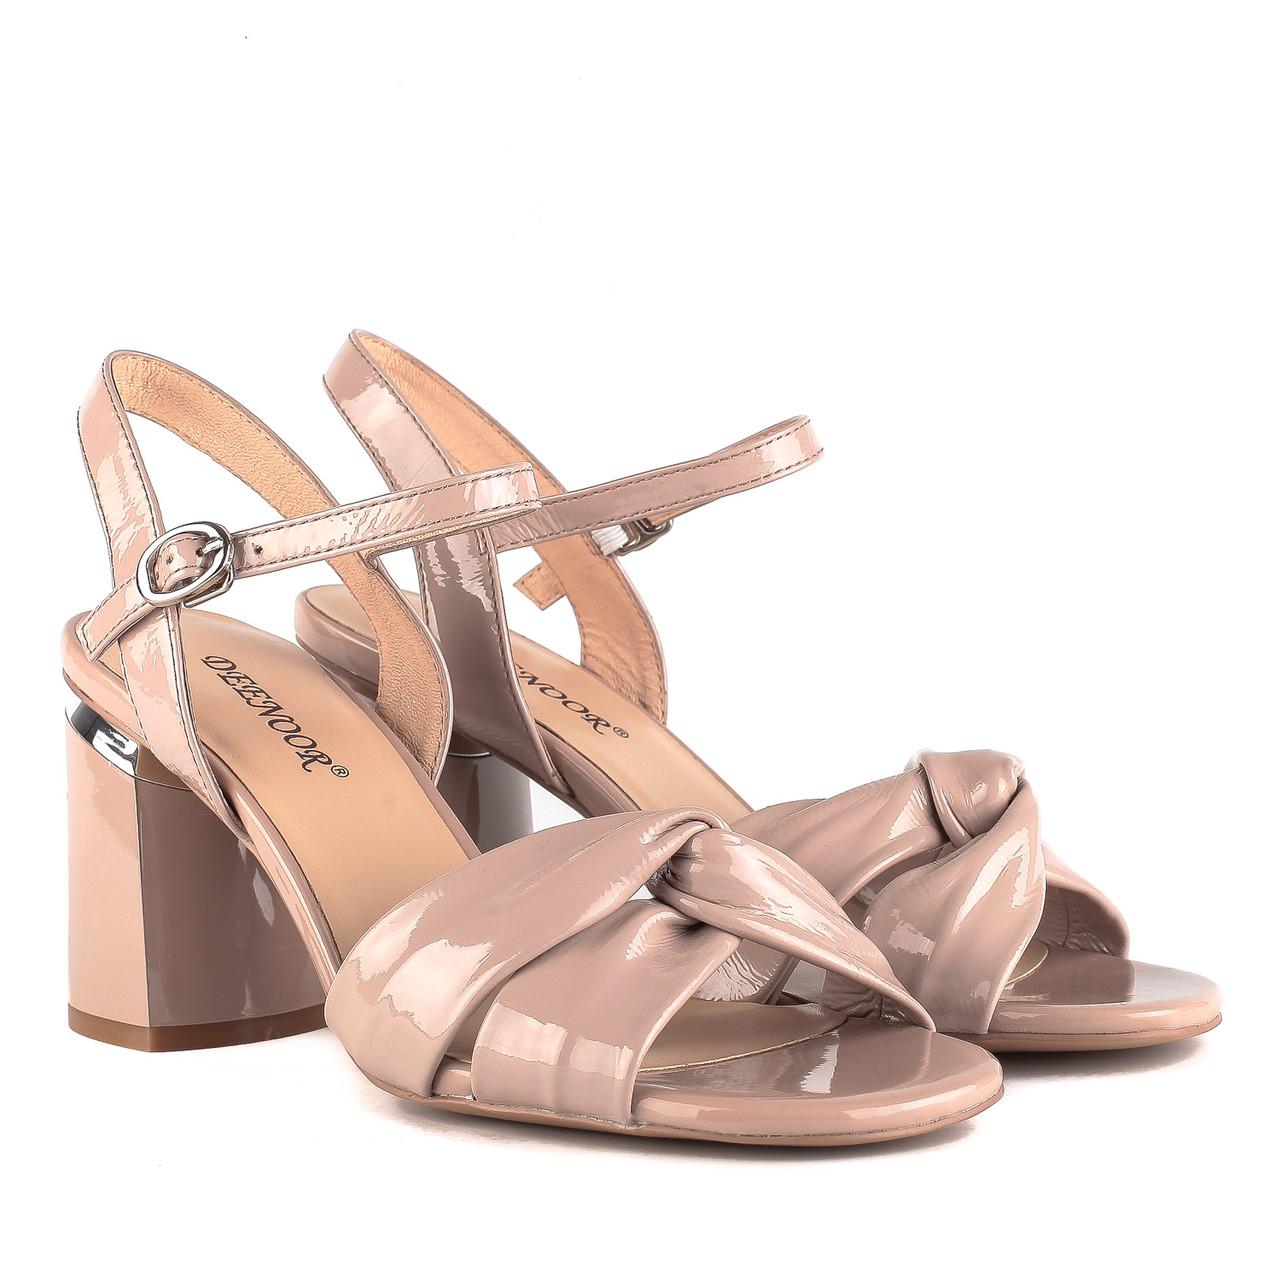 b2d4532d4 Босоножки женские DEENOOR (натуральные, на высоком каблуке, стильные)